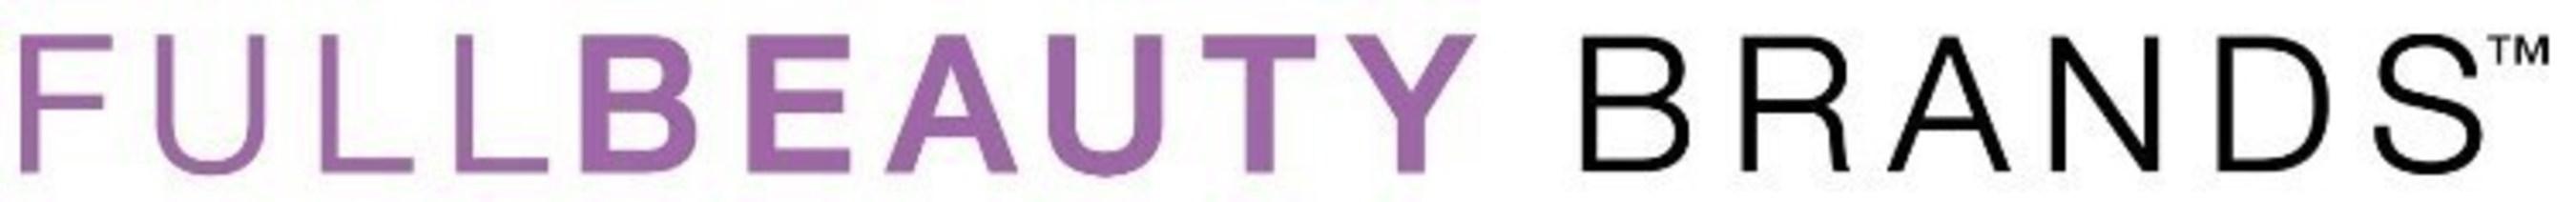 FULLBEAUTY Brands logo